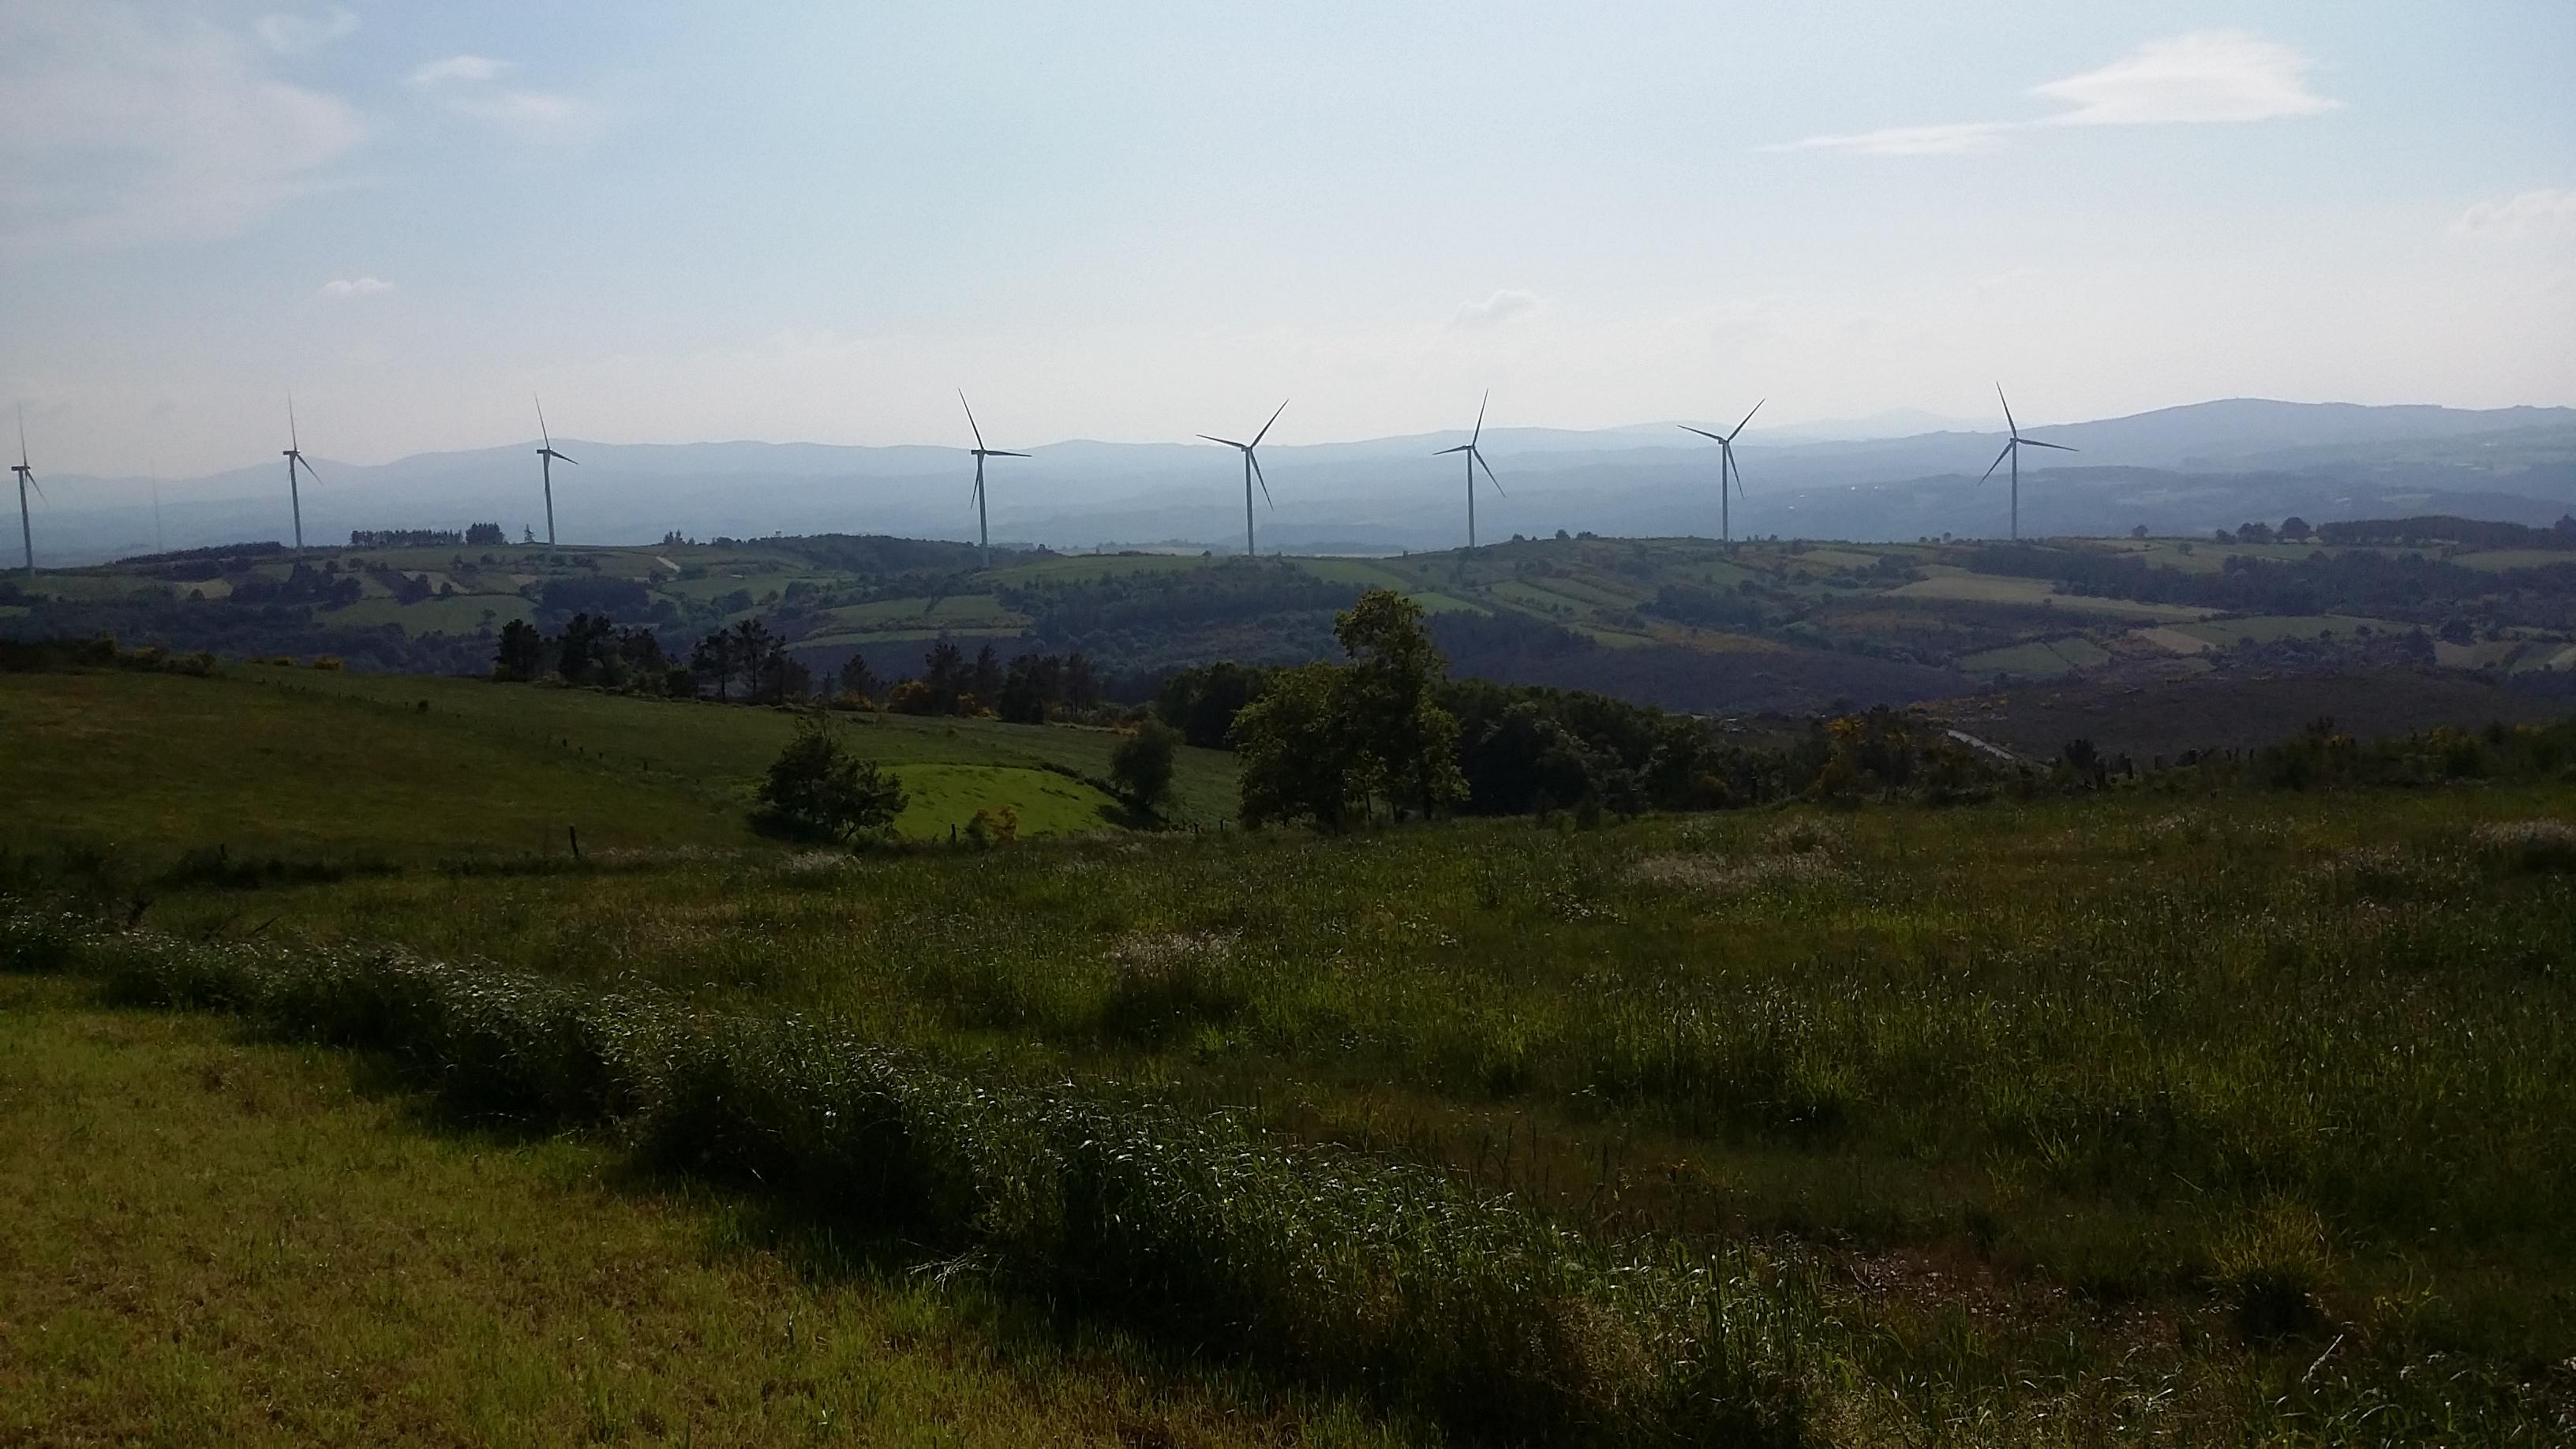 Propietarios de tierras eólicas reciben menos de 750 euros por MW